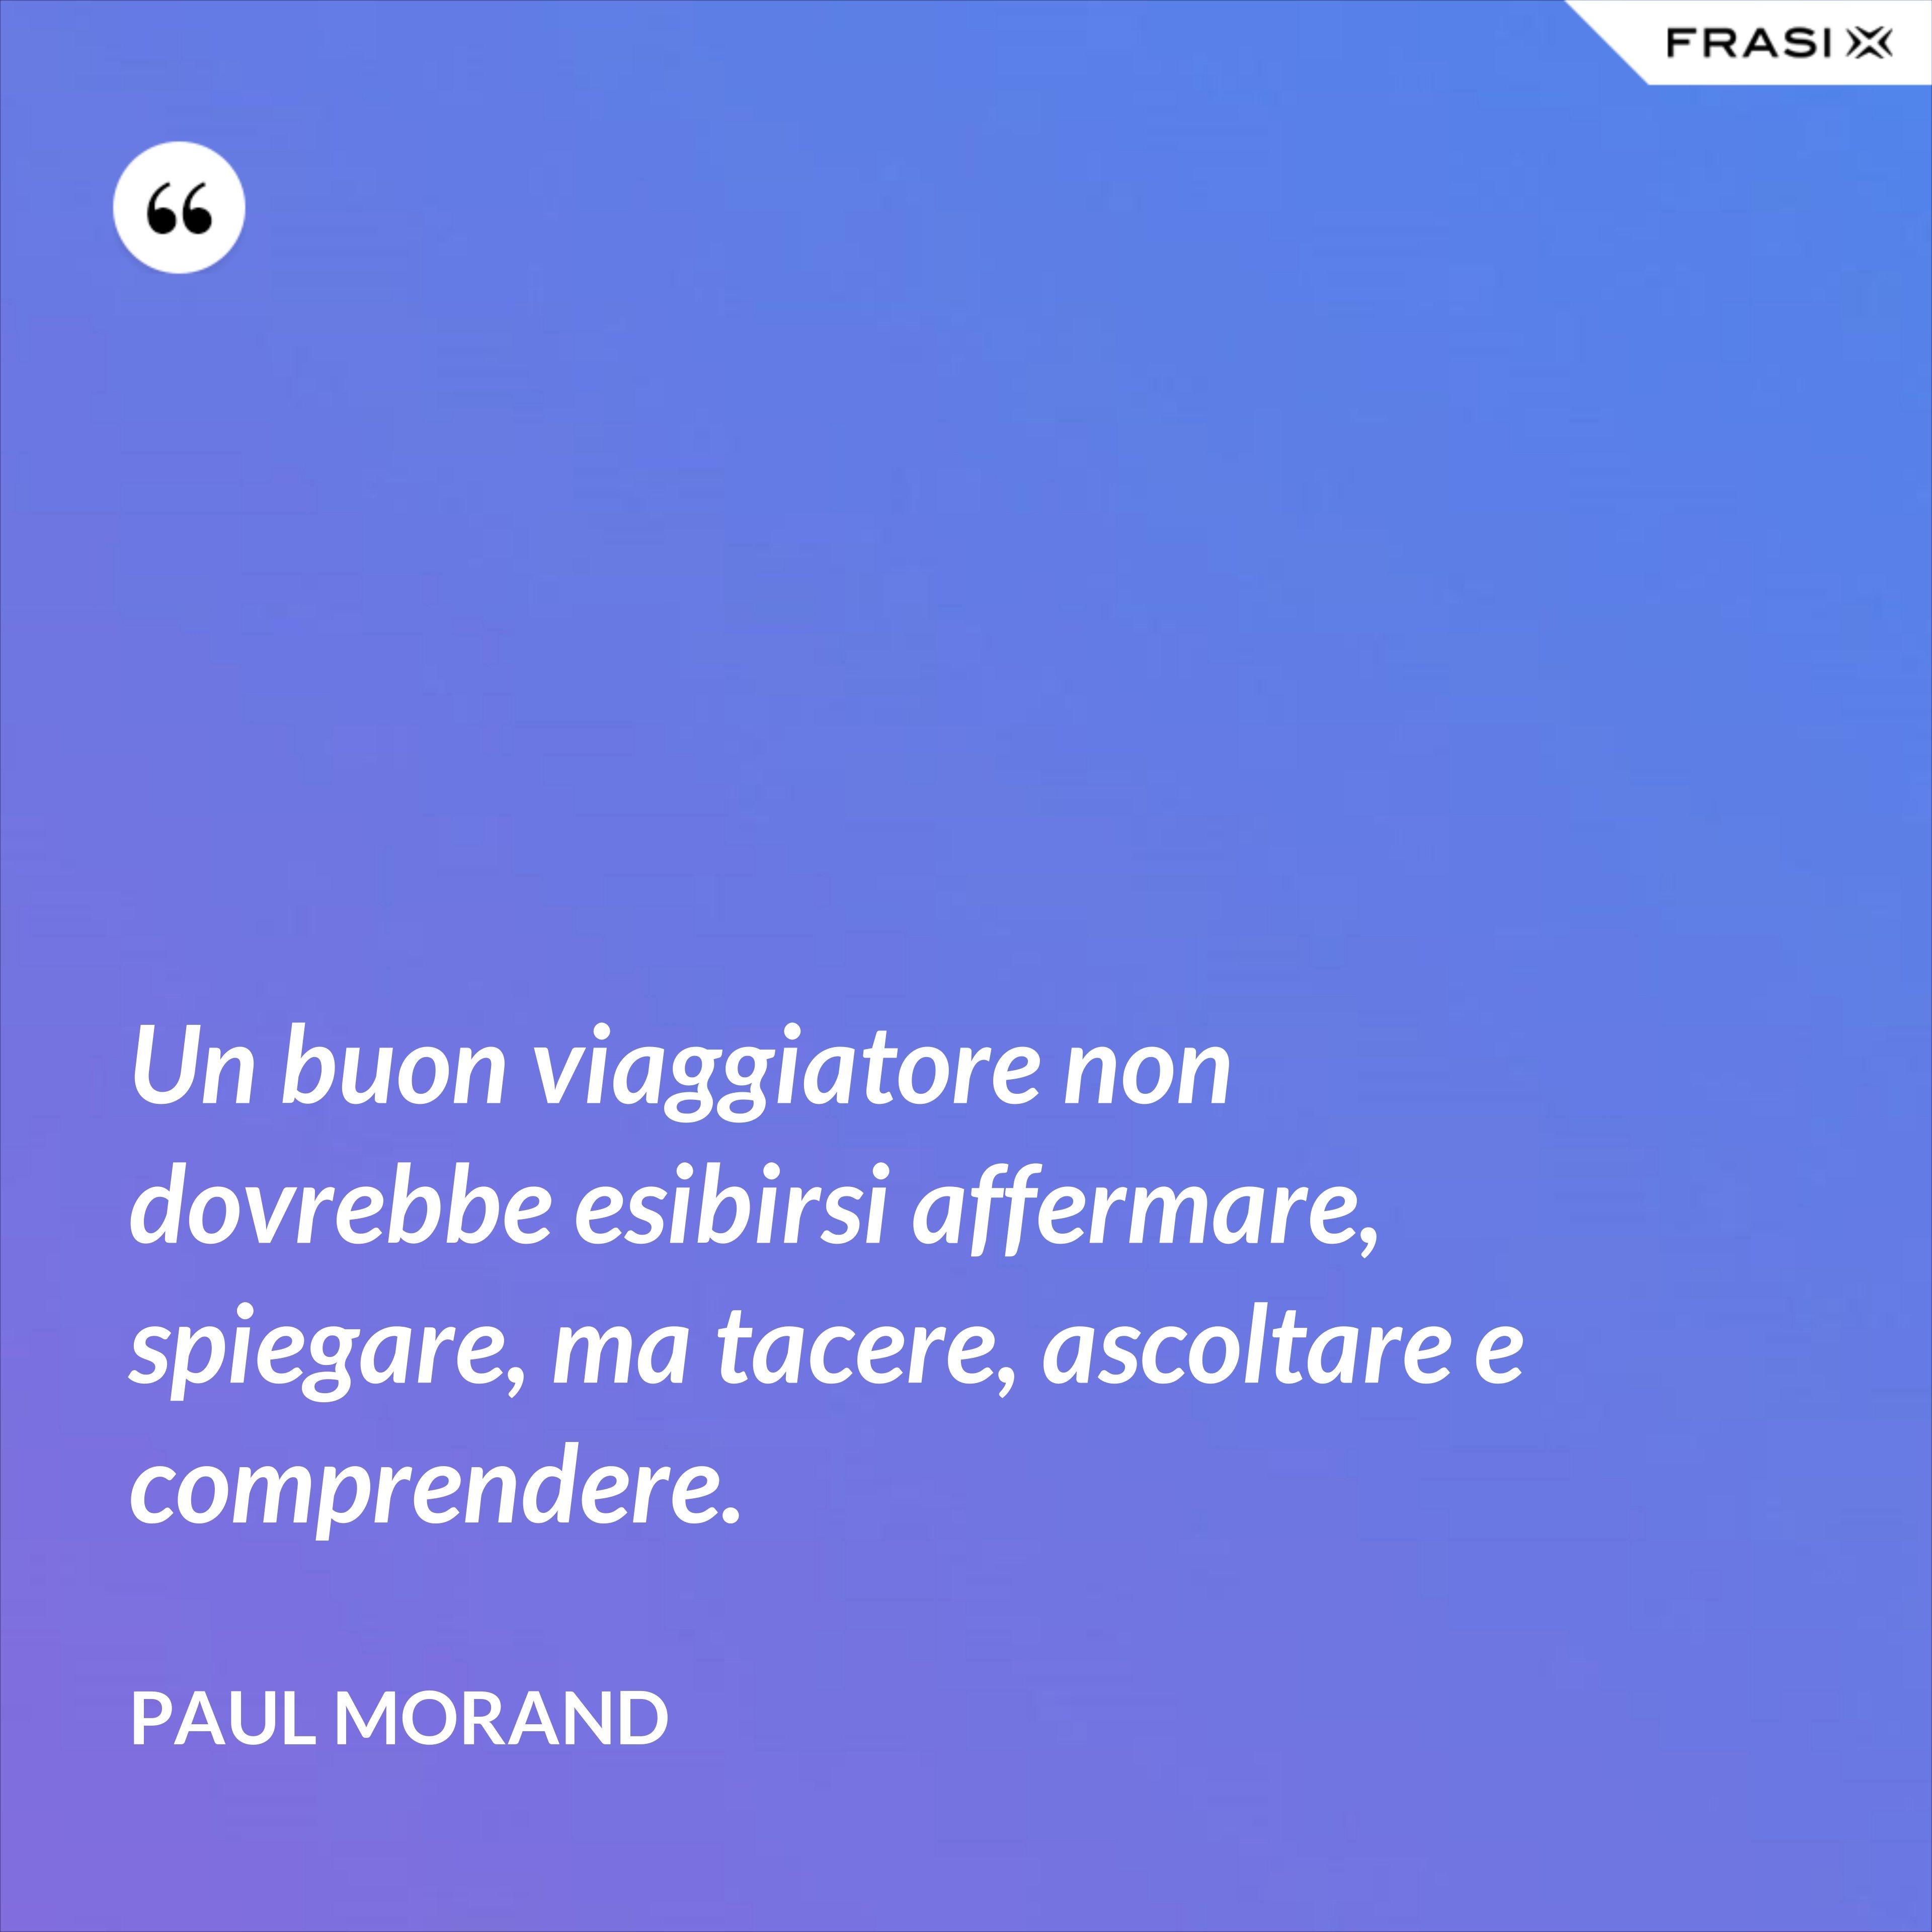 Un buon viaggiatore non dovrebbe esibirsi affermare, spiegare, ma tacere, ascoltare e comprendere. - Paul Morand